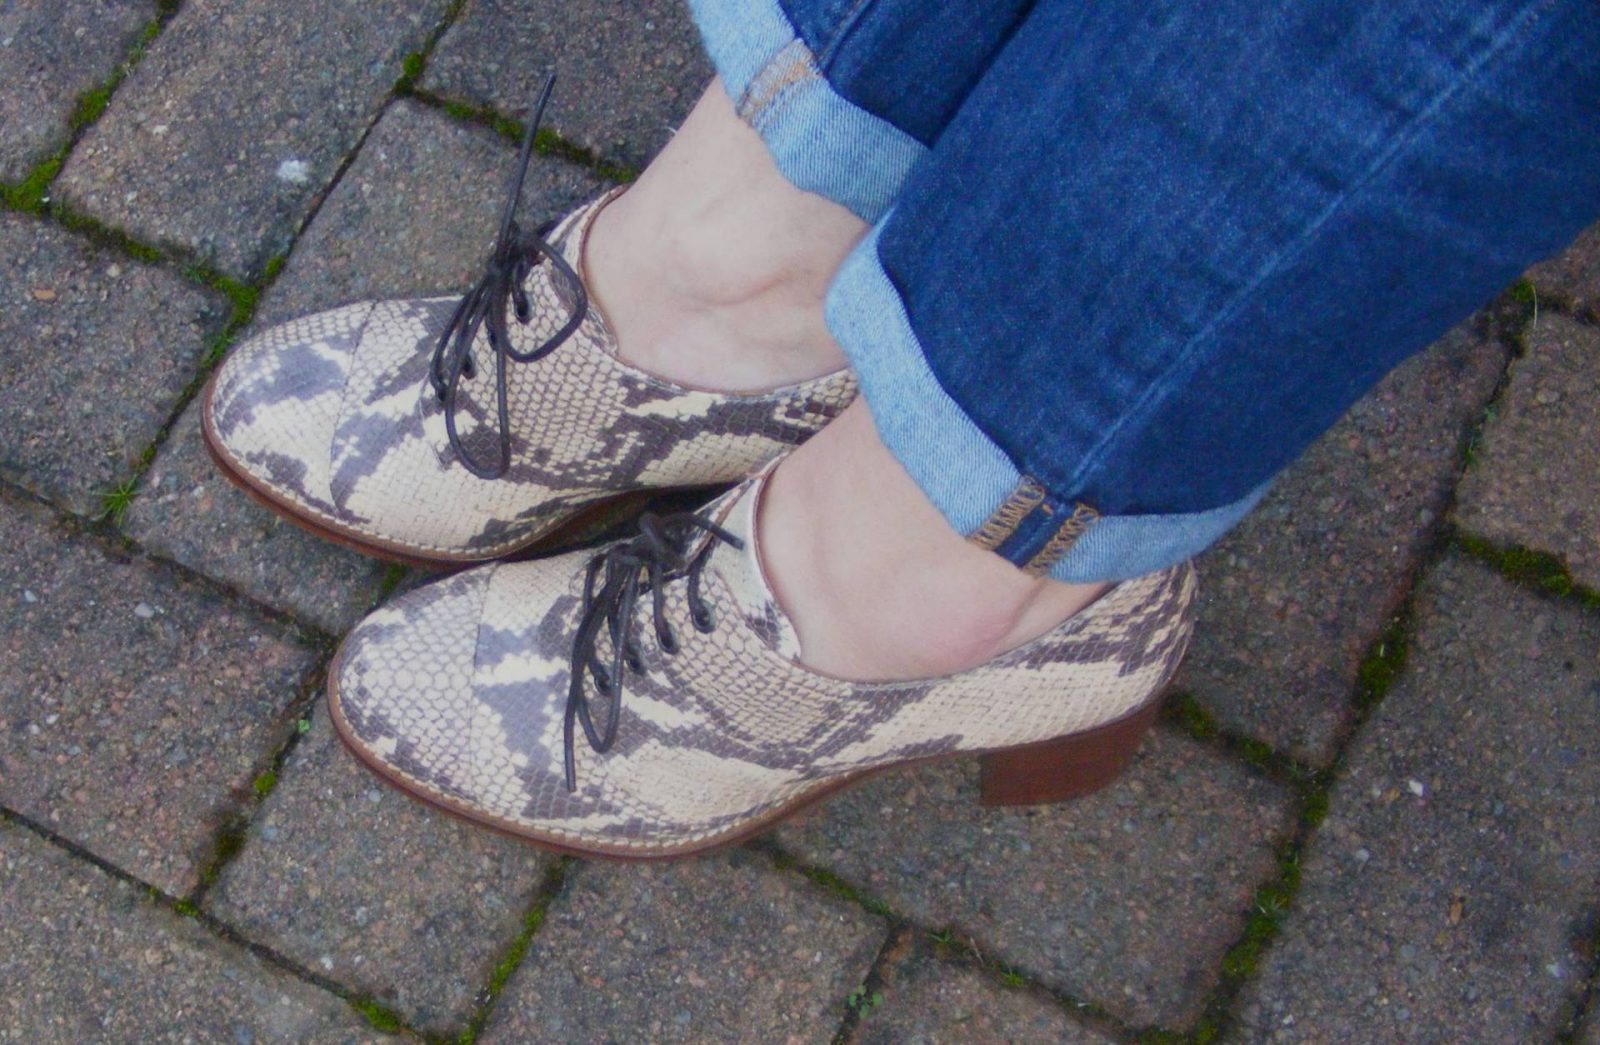 Topshop snakeskin shoes